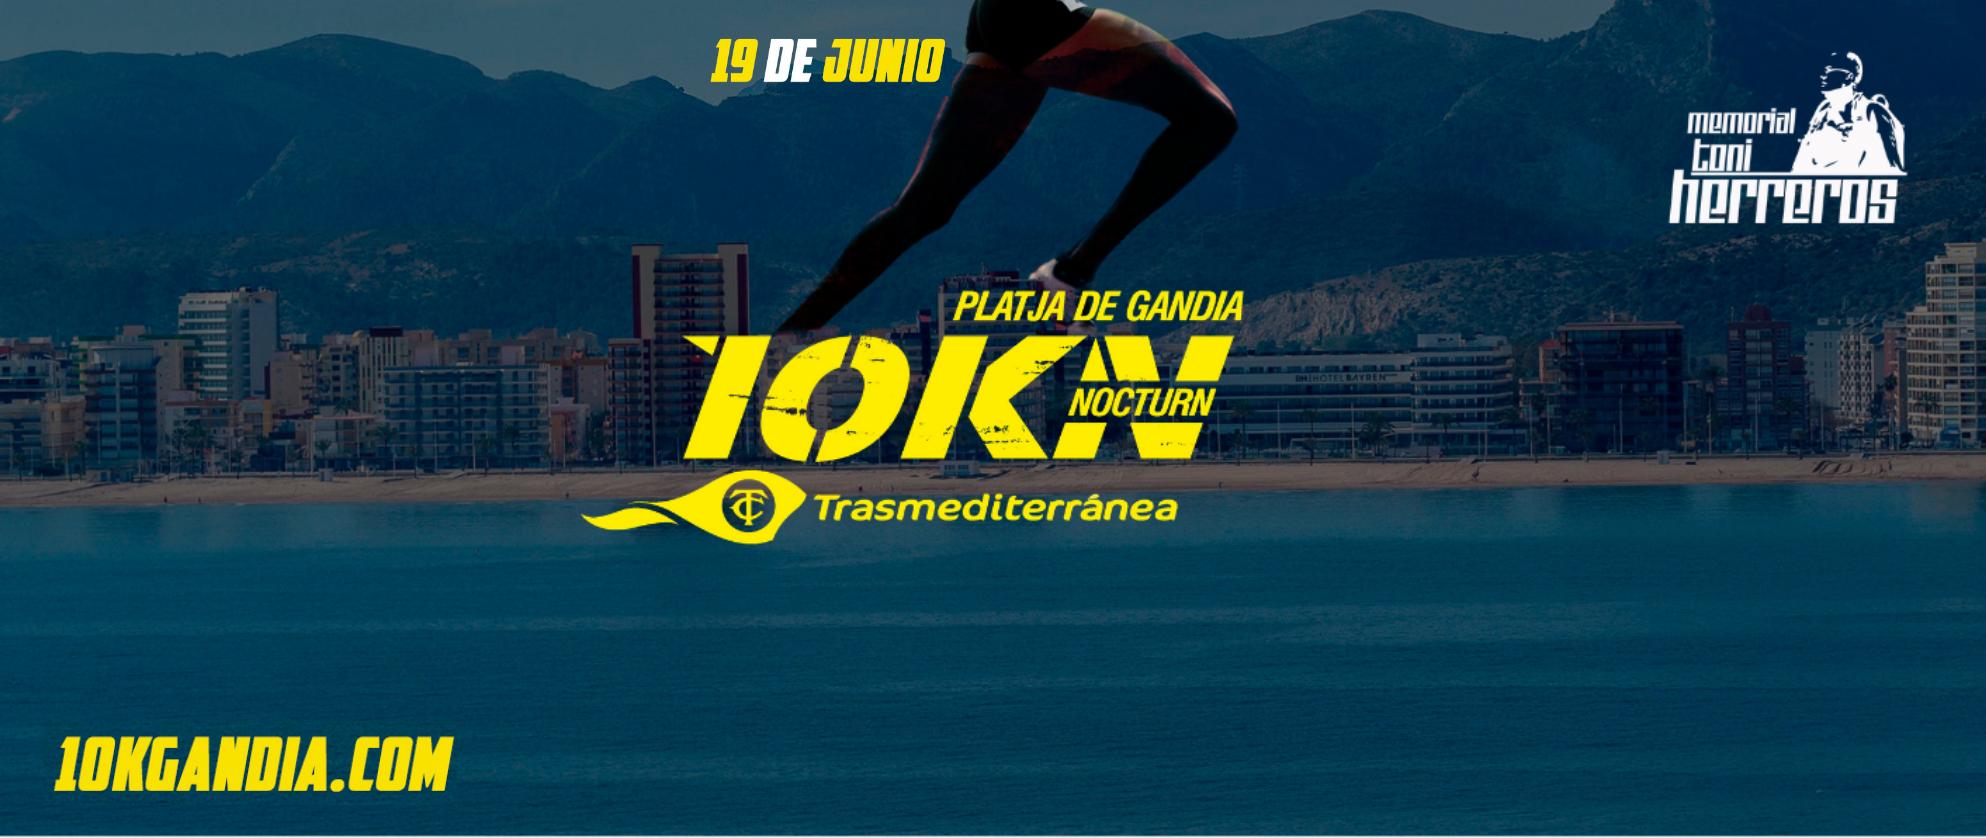 10K Nocturno Playa de Gandia